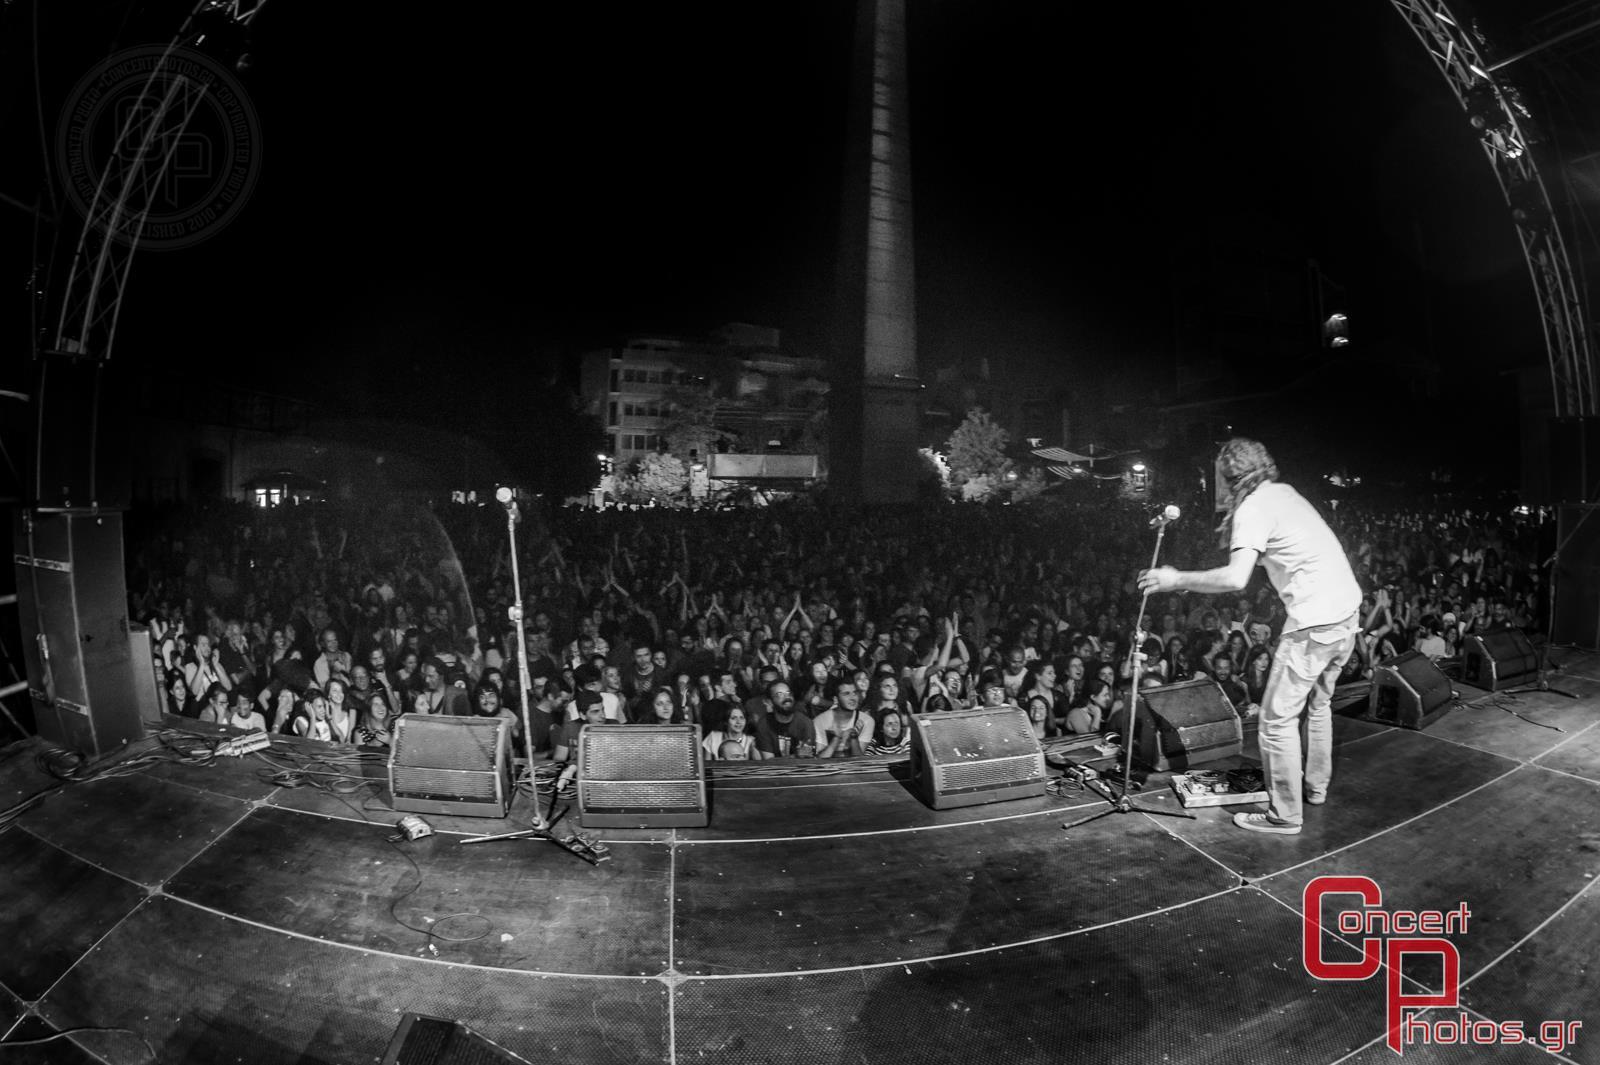 Μία συναυλία για τη Σχεδία 2014-Sxedia 2014 photographer:  - concertphotos_20140526_23_17_35